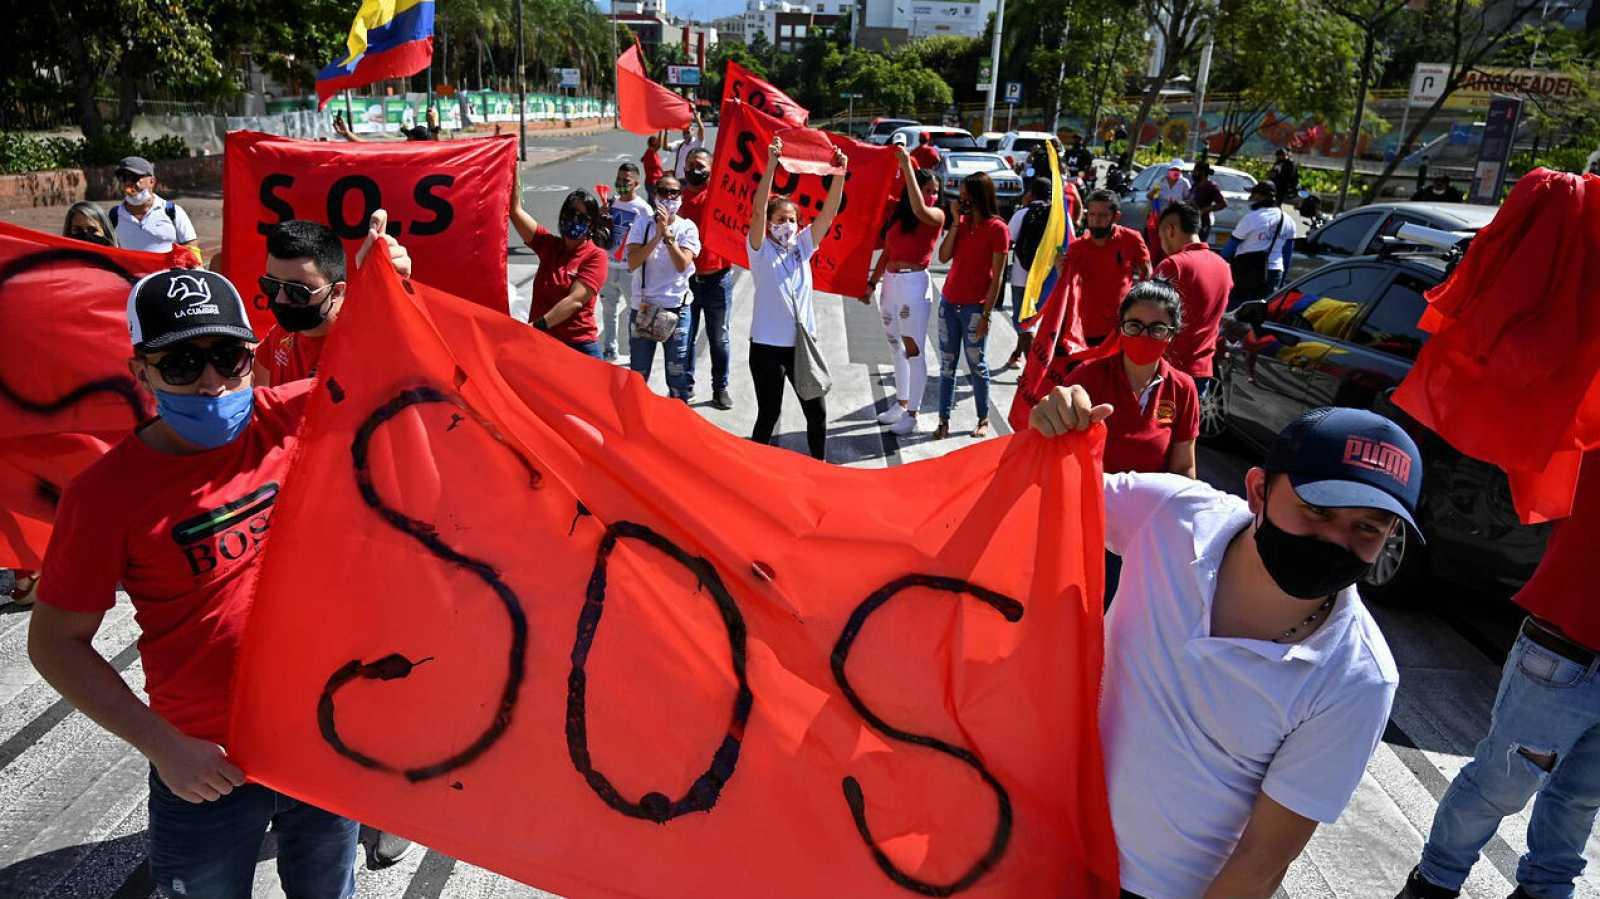 Propietarios de bares y restaurantes piden al gobierno que les permita reabrir sus negocios dada la difícil situación económica por pandemia de coronavirus en Cali, Colombia.